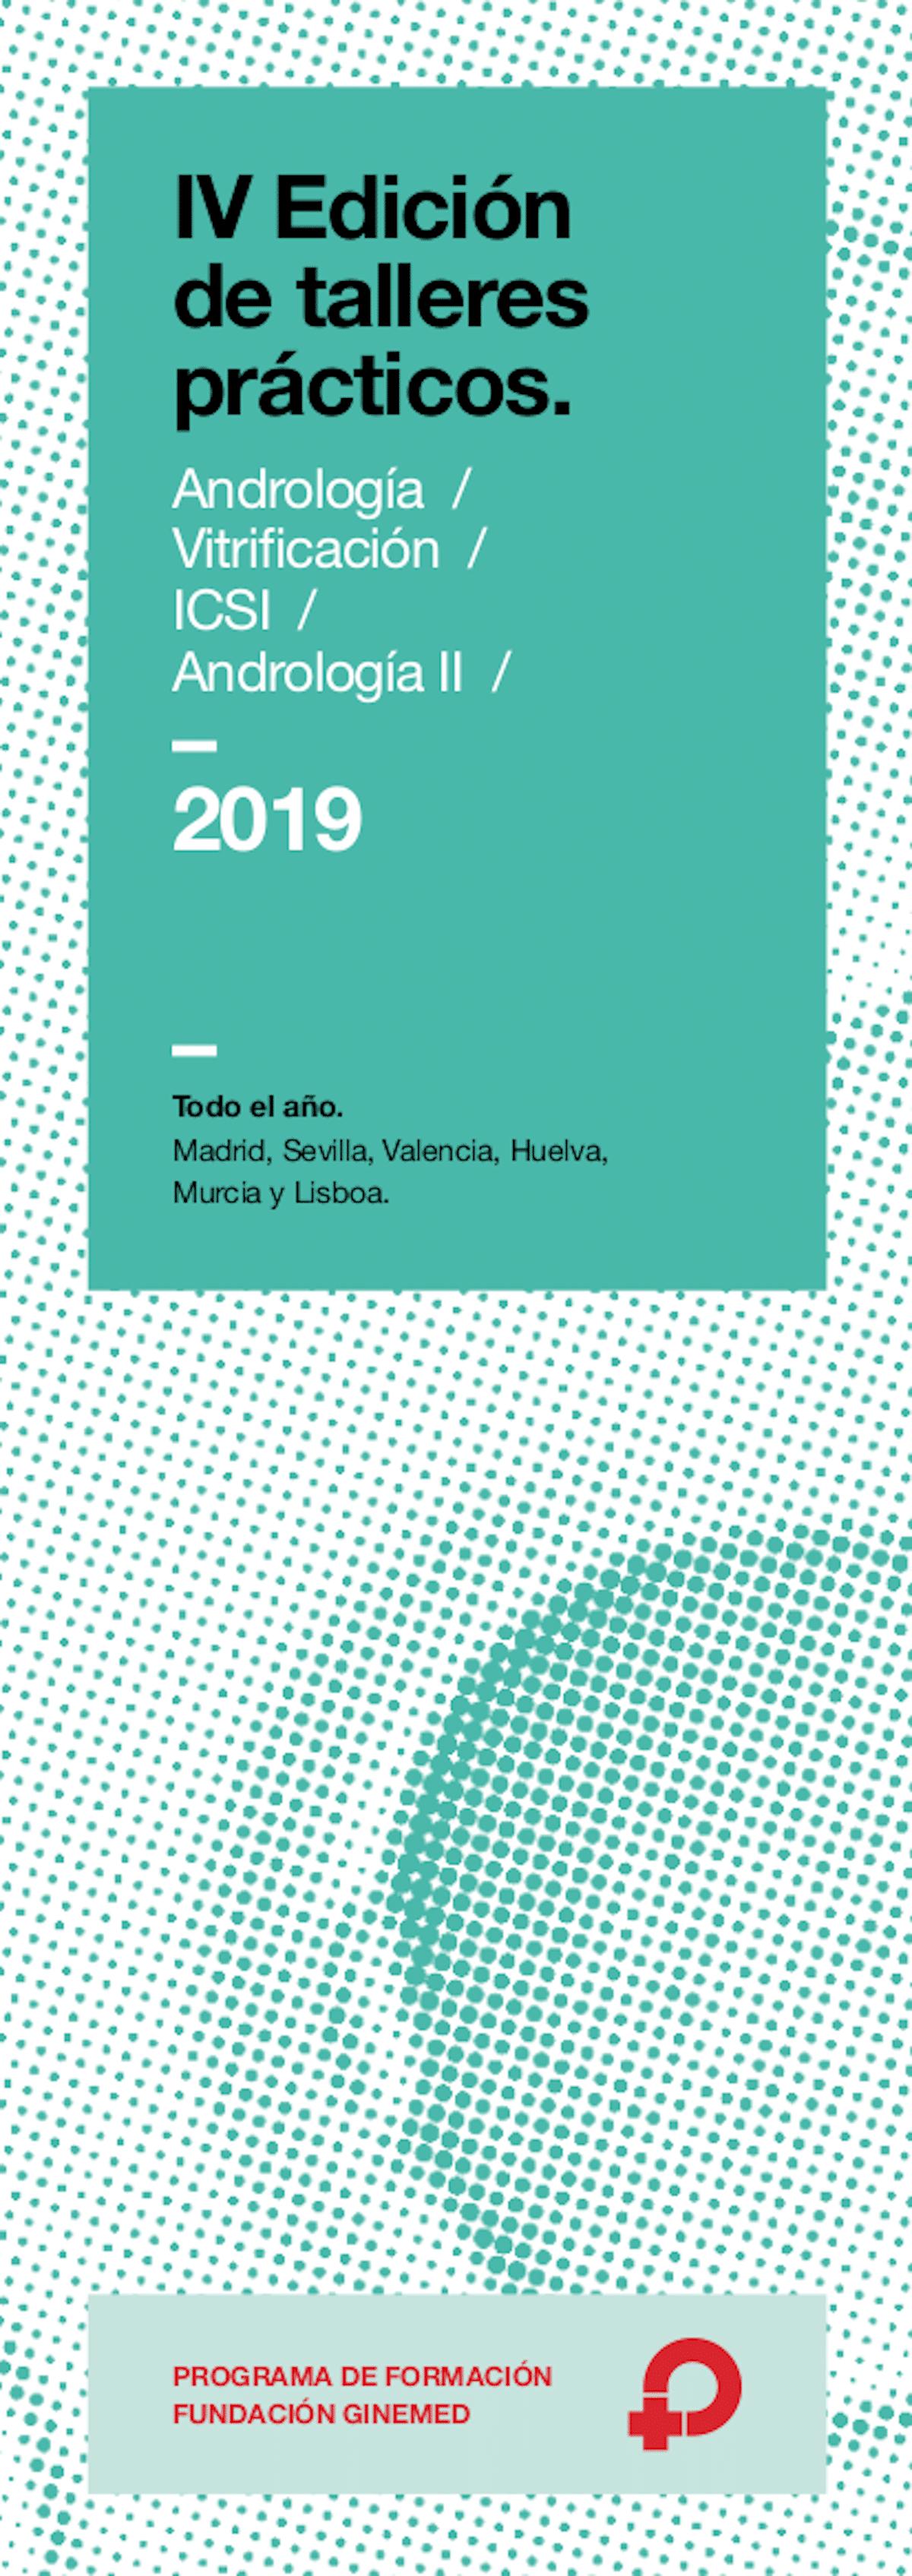 Cartel IV Edición de talleres prácticos andrología, vitrificación, icsi